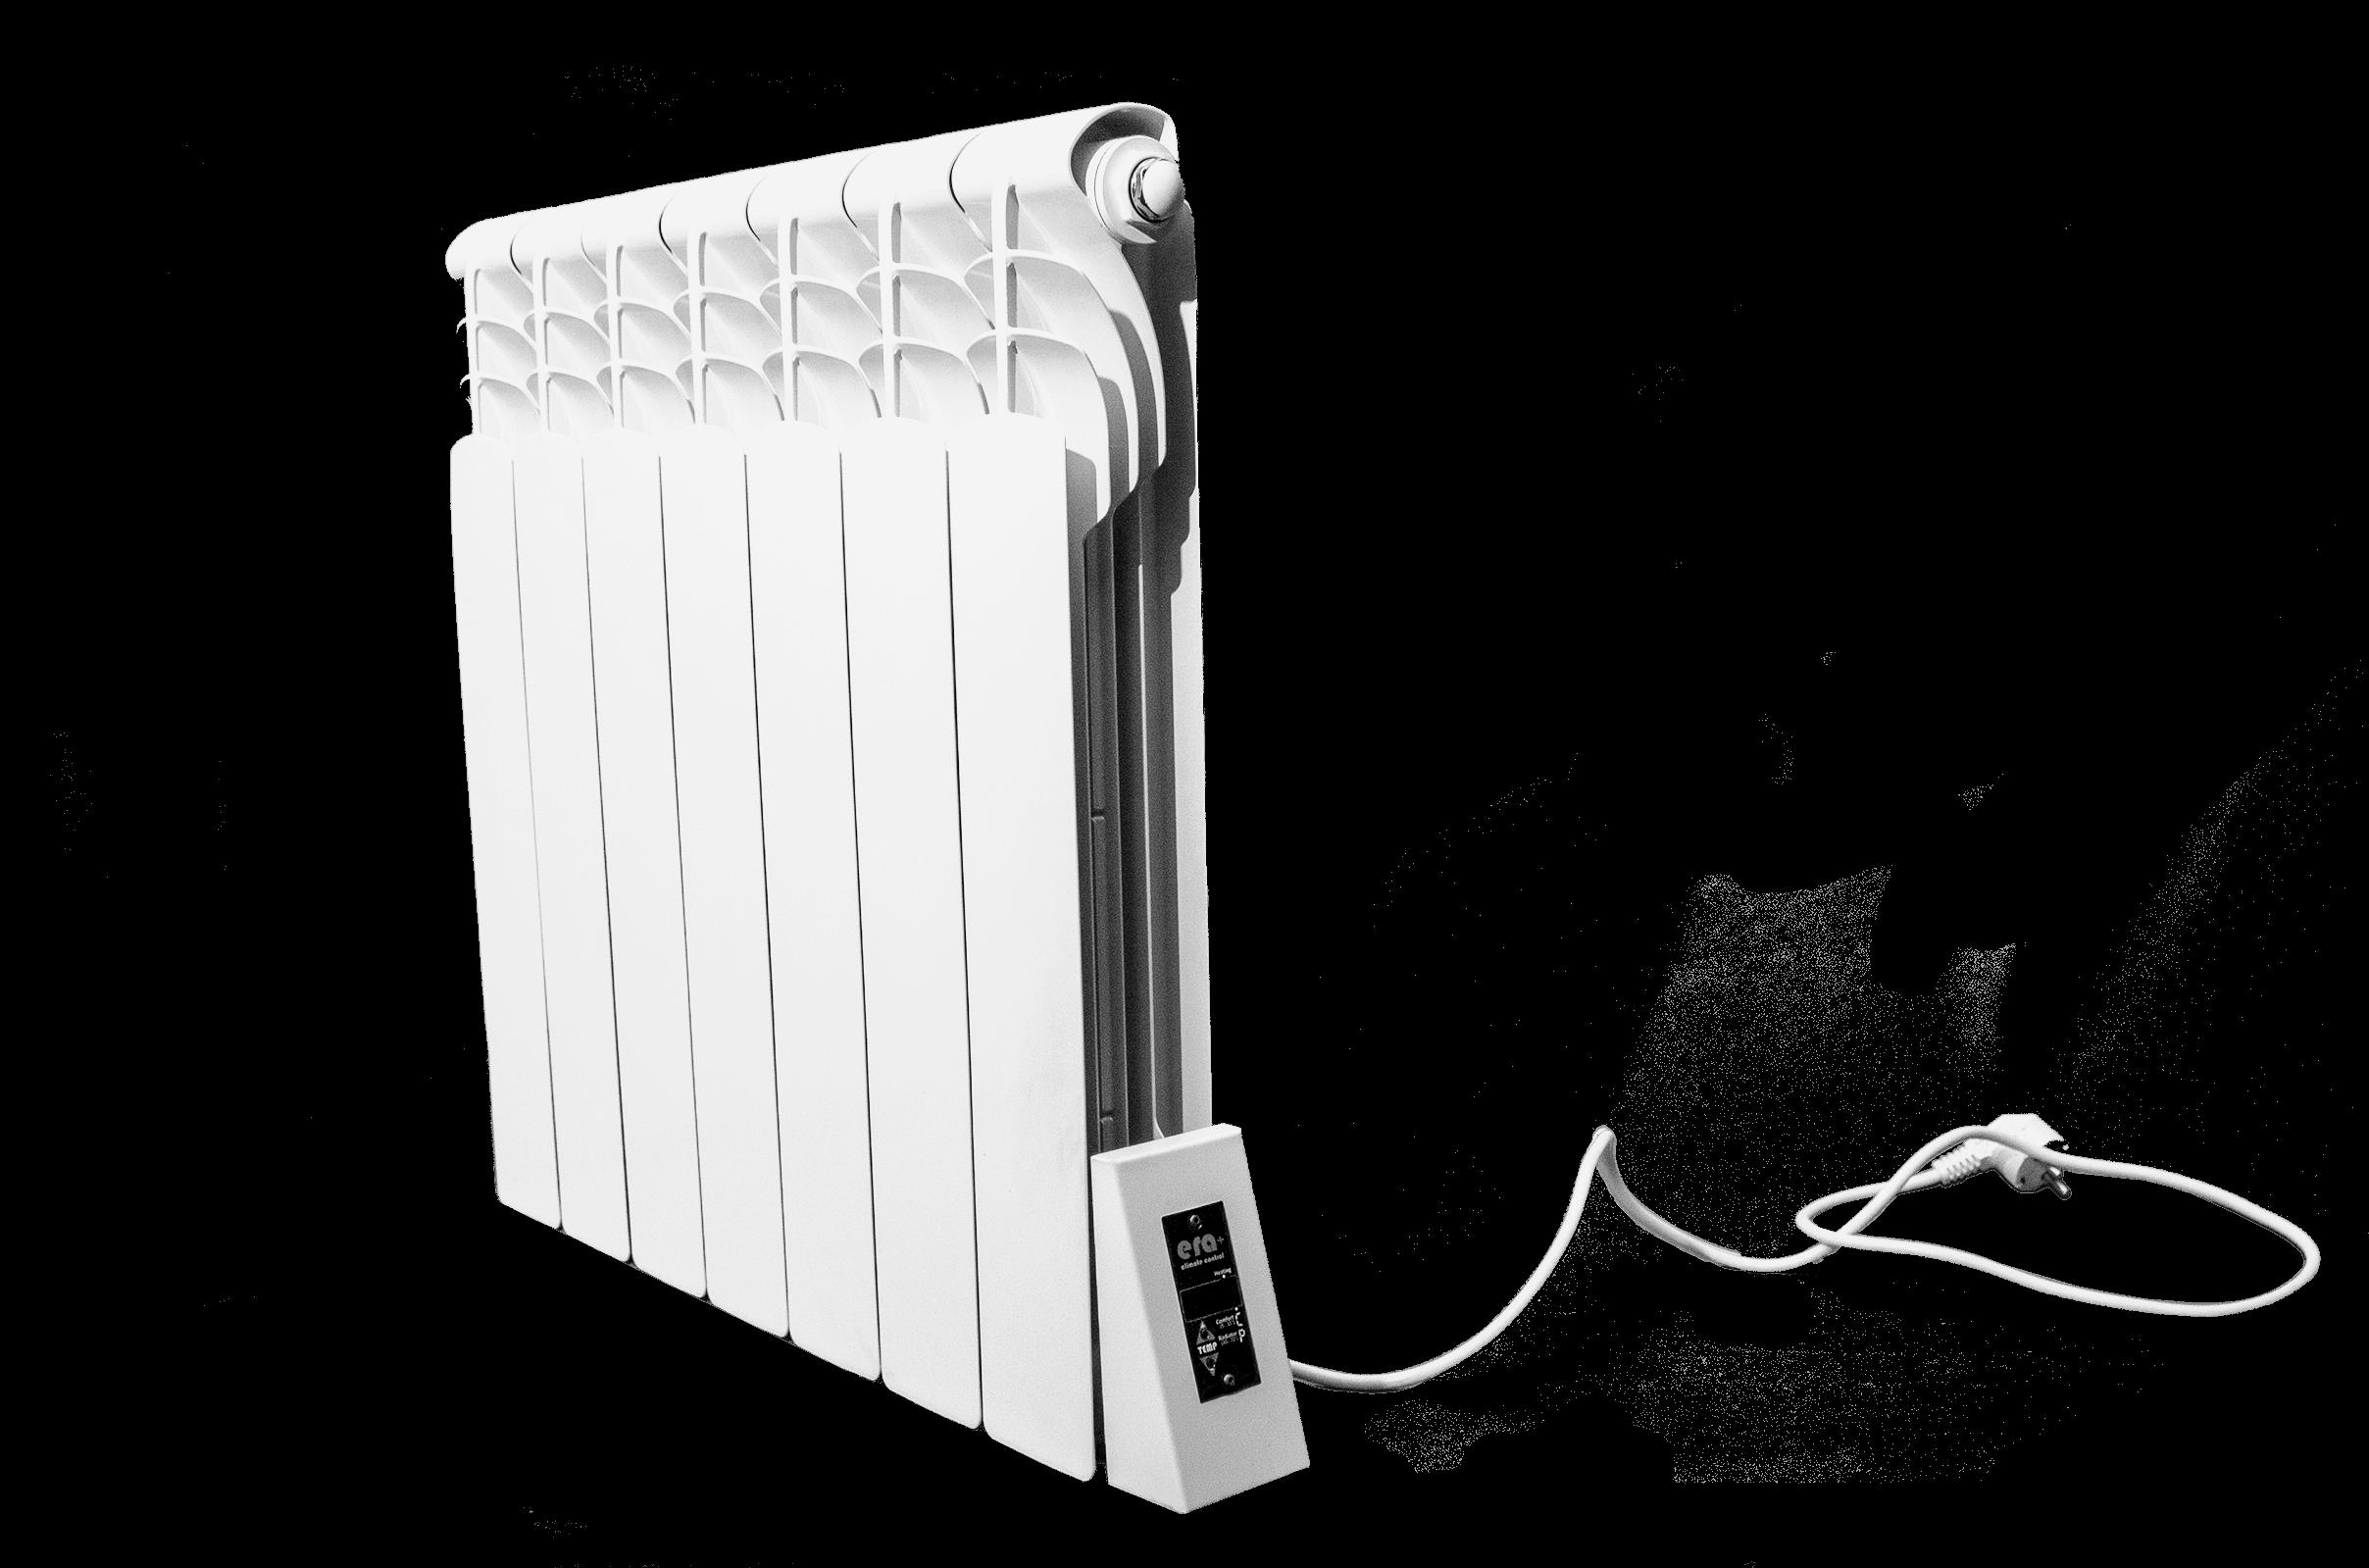 Электрический радиатор Теплопитбел – новинка на рынке электрооборудования